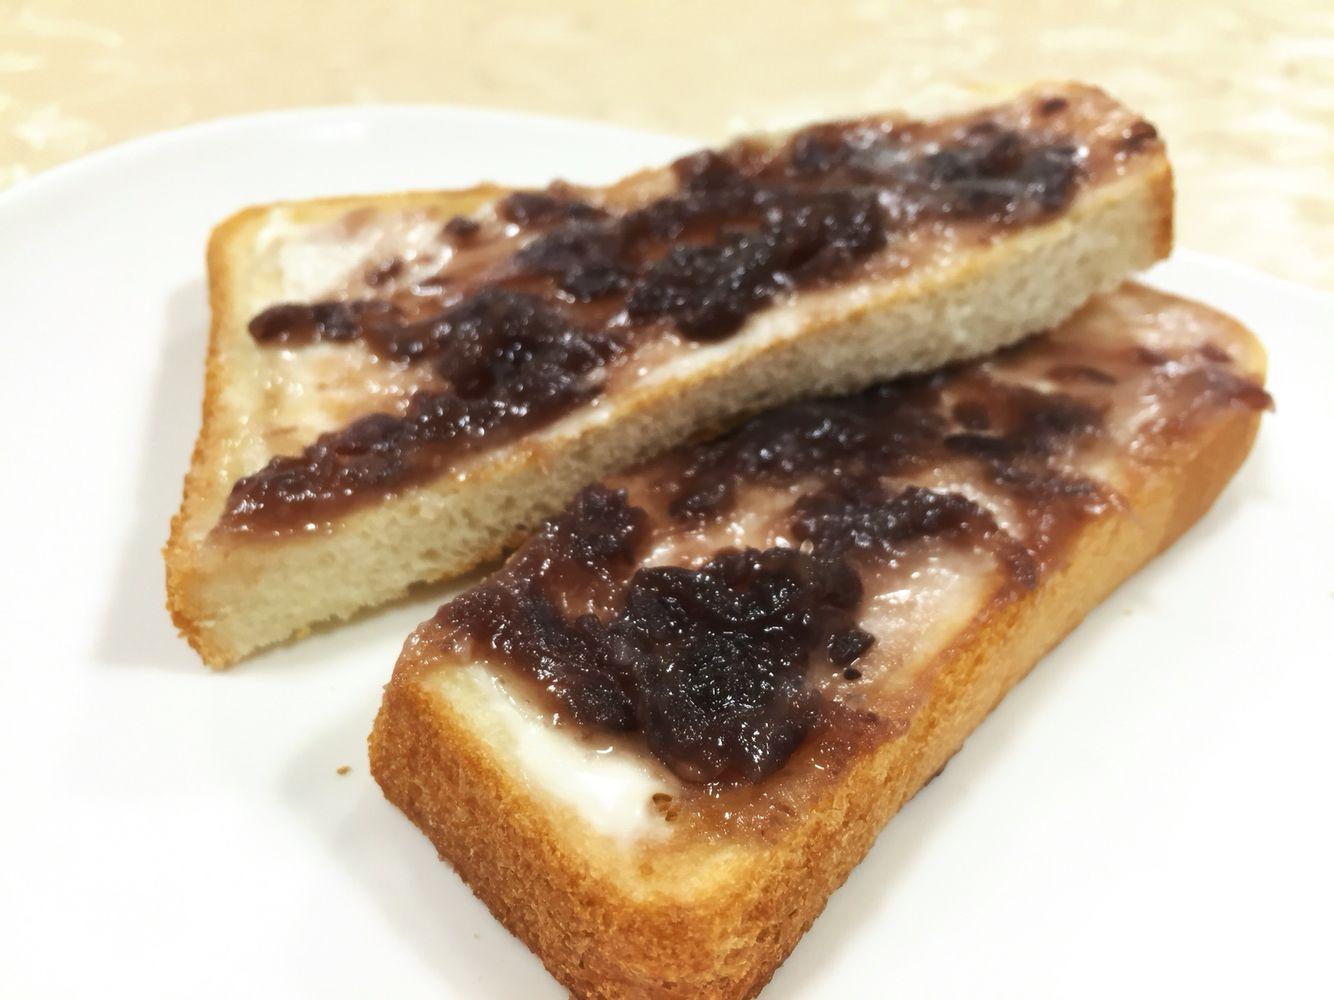 キリクリームチーズをつ買って小倉トースト